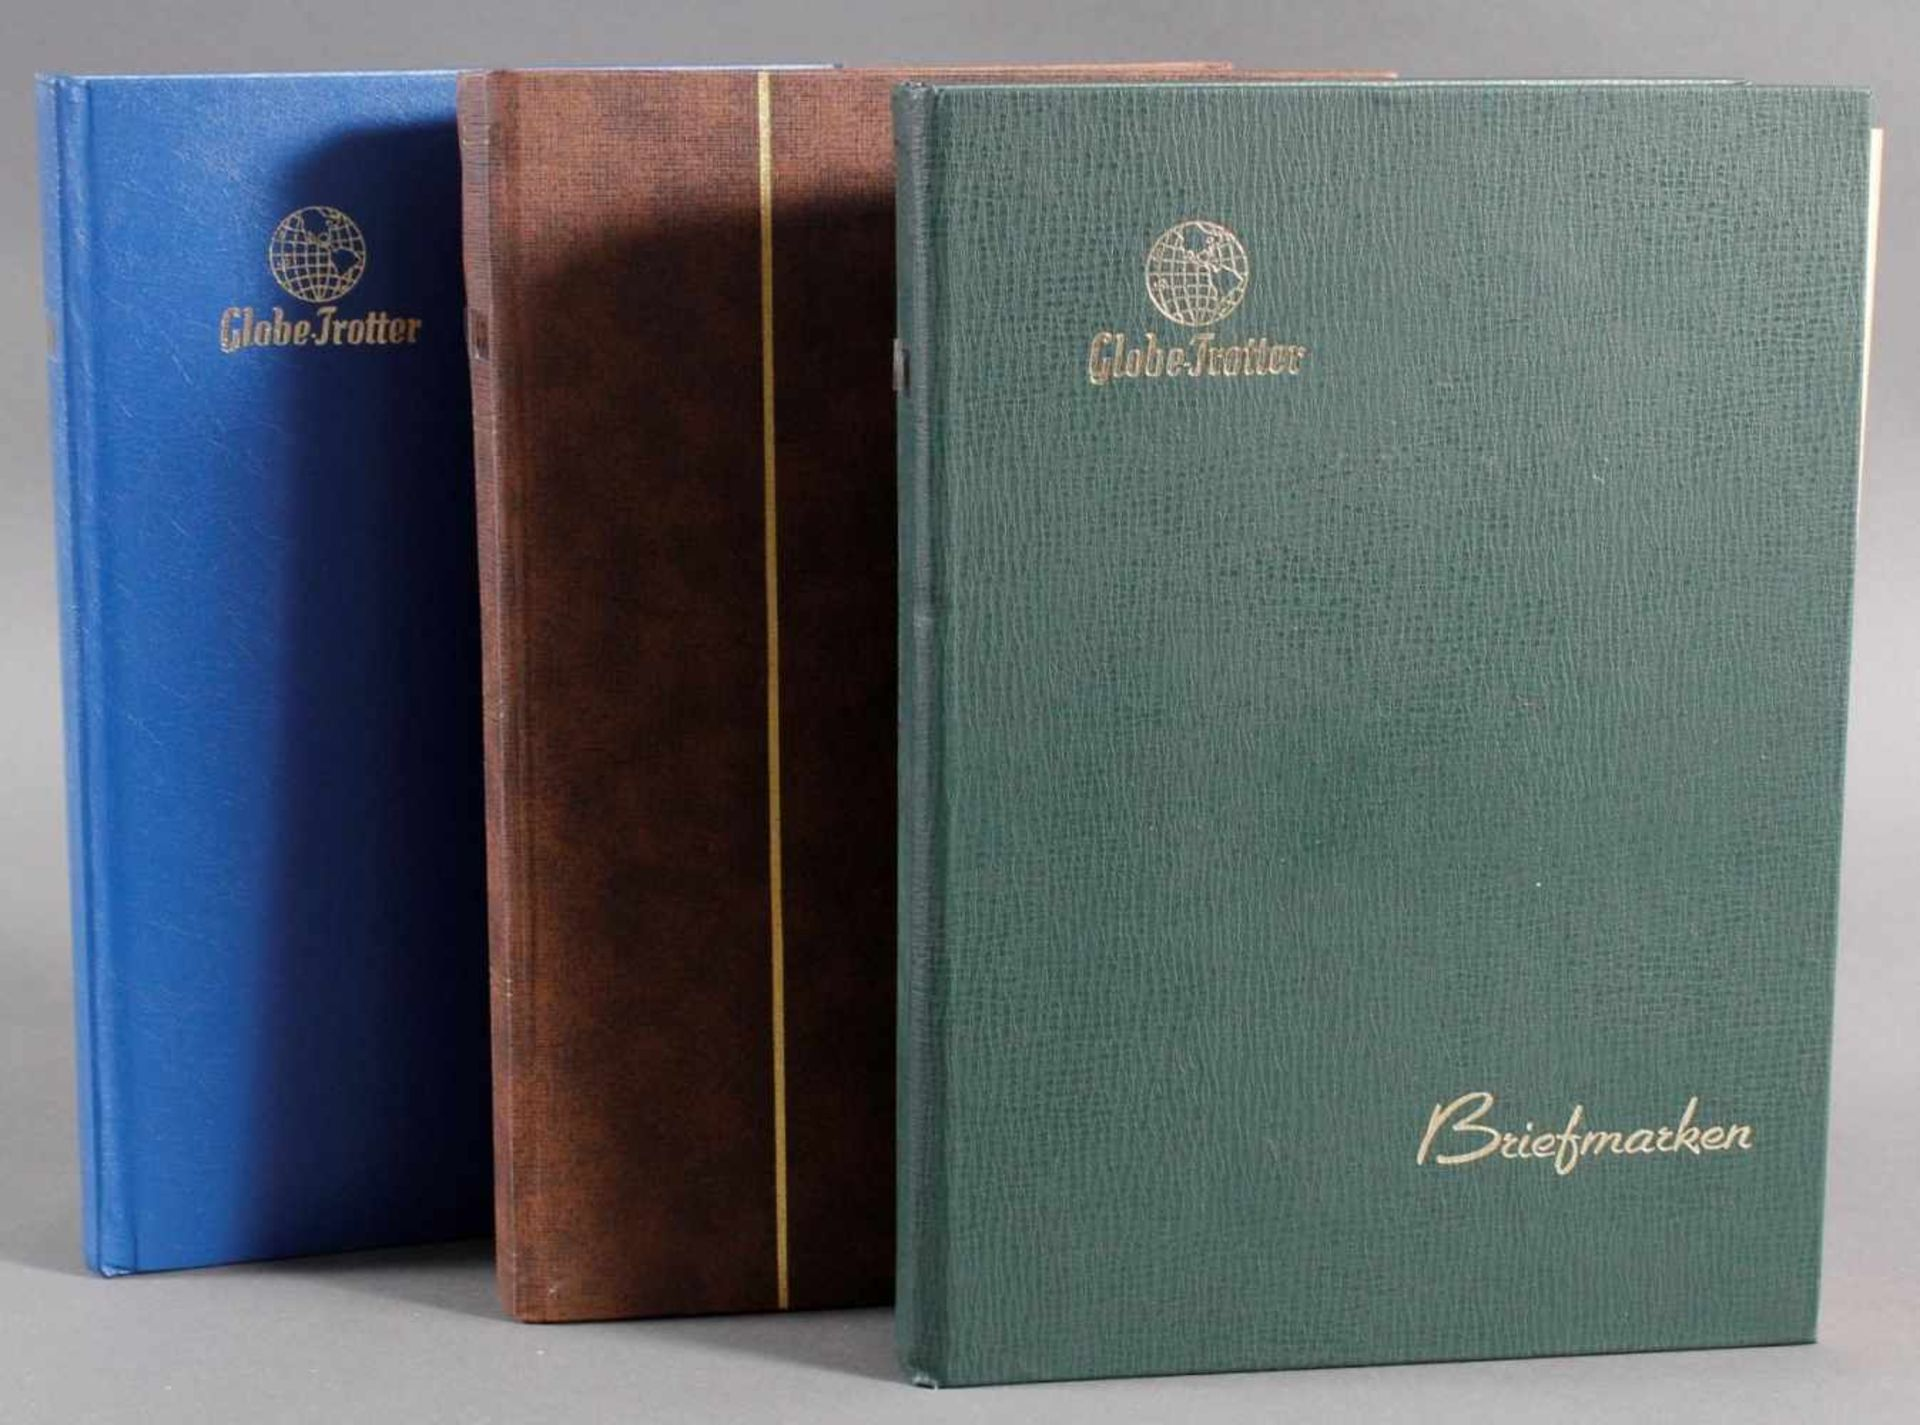 Kleine Sammlung Belege, Ganzsachen und BriefeInsgesamt 3 gut gefüllte Alben.1 Album Briefe,